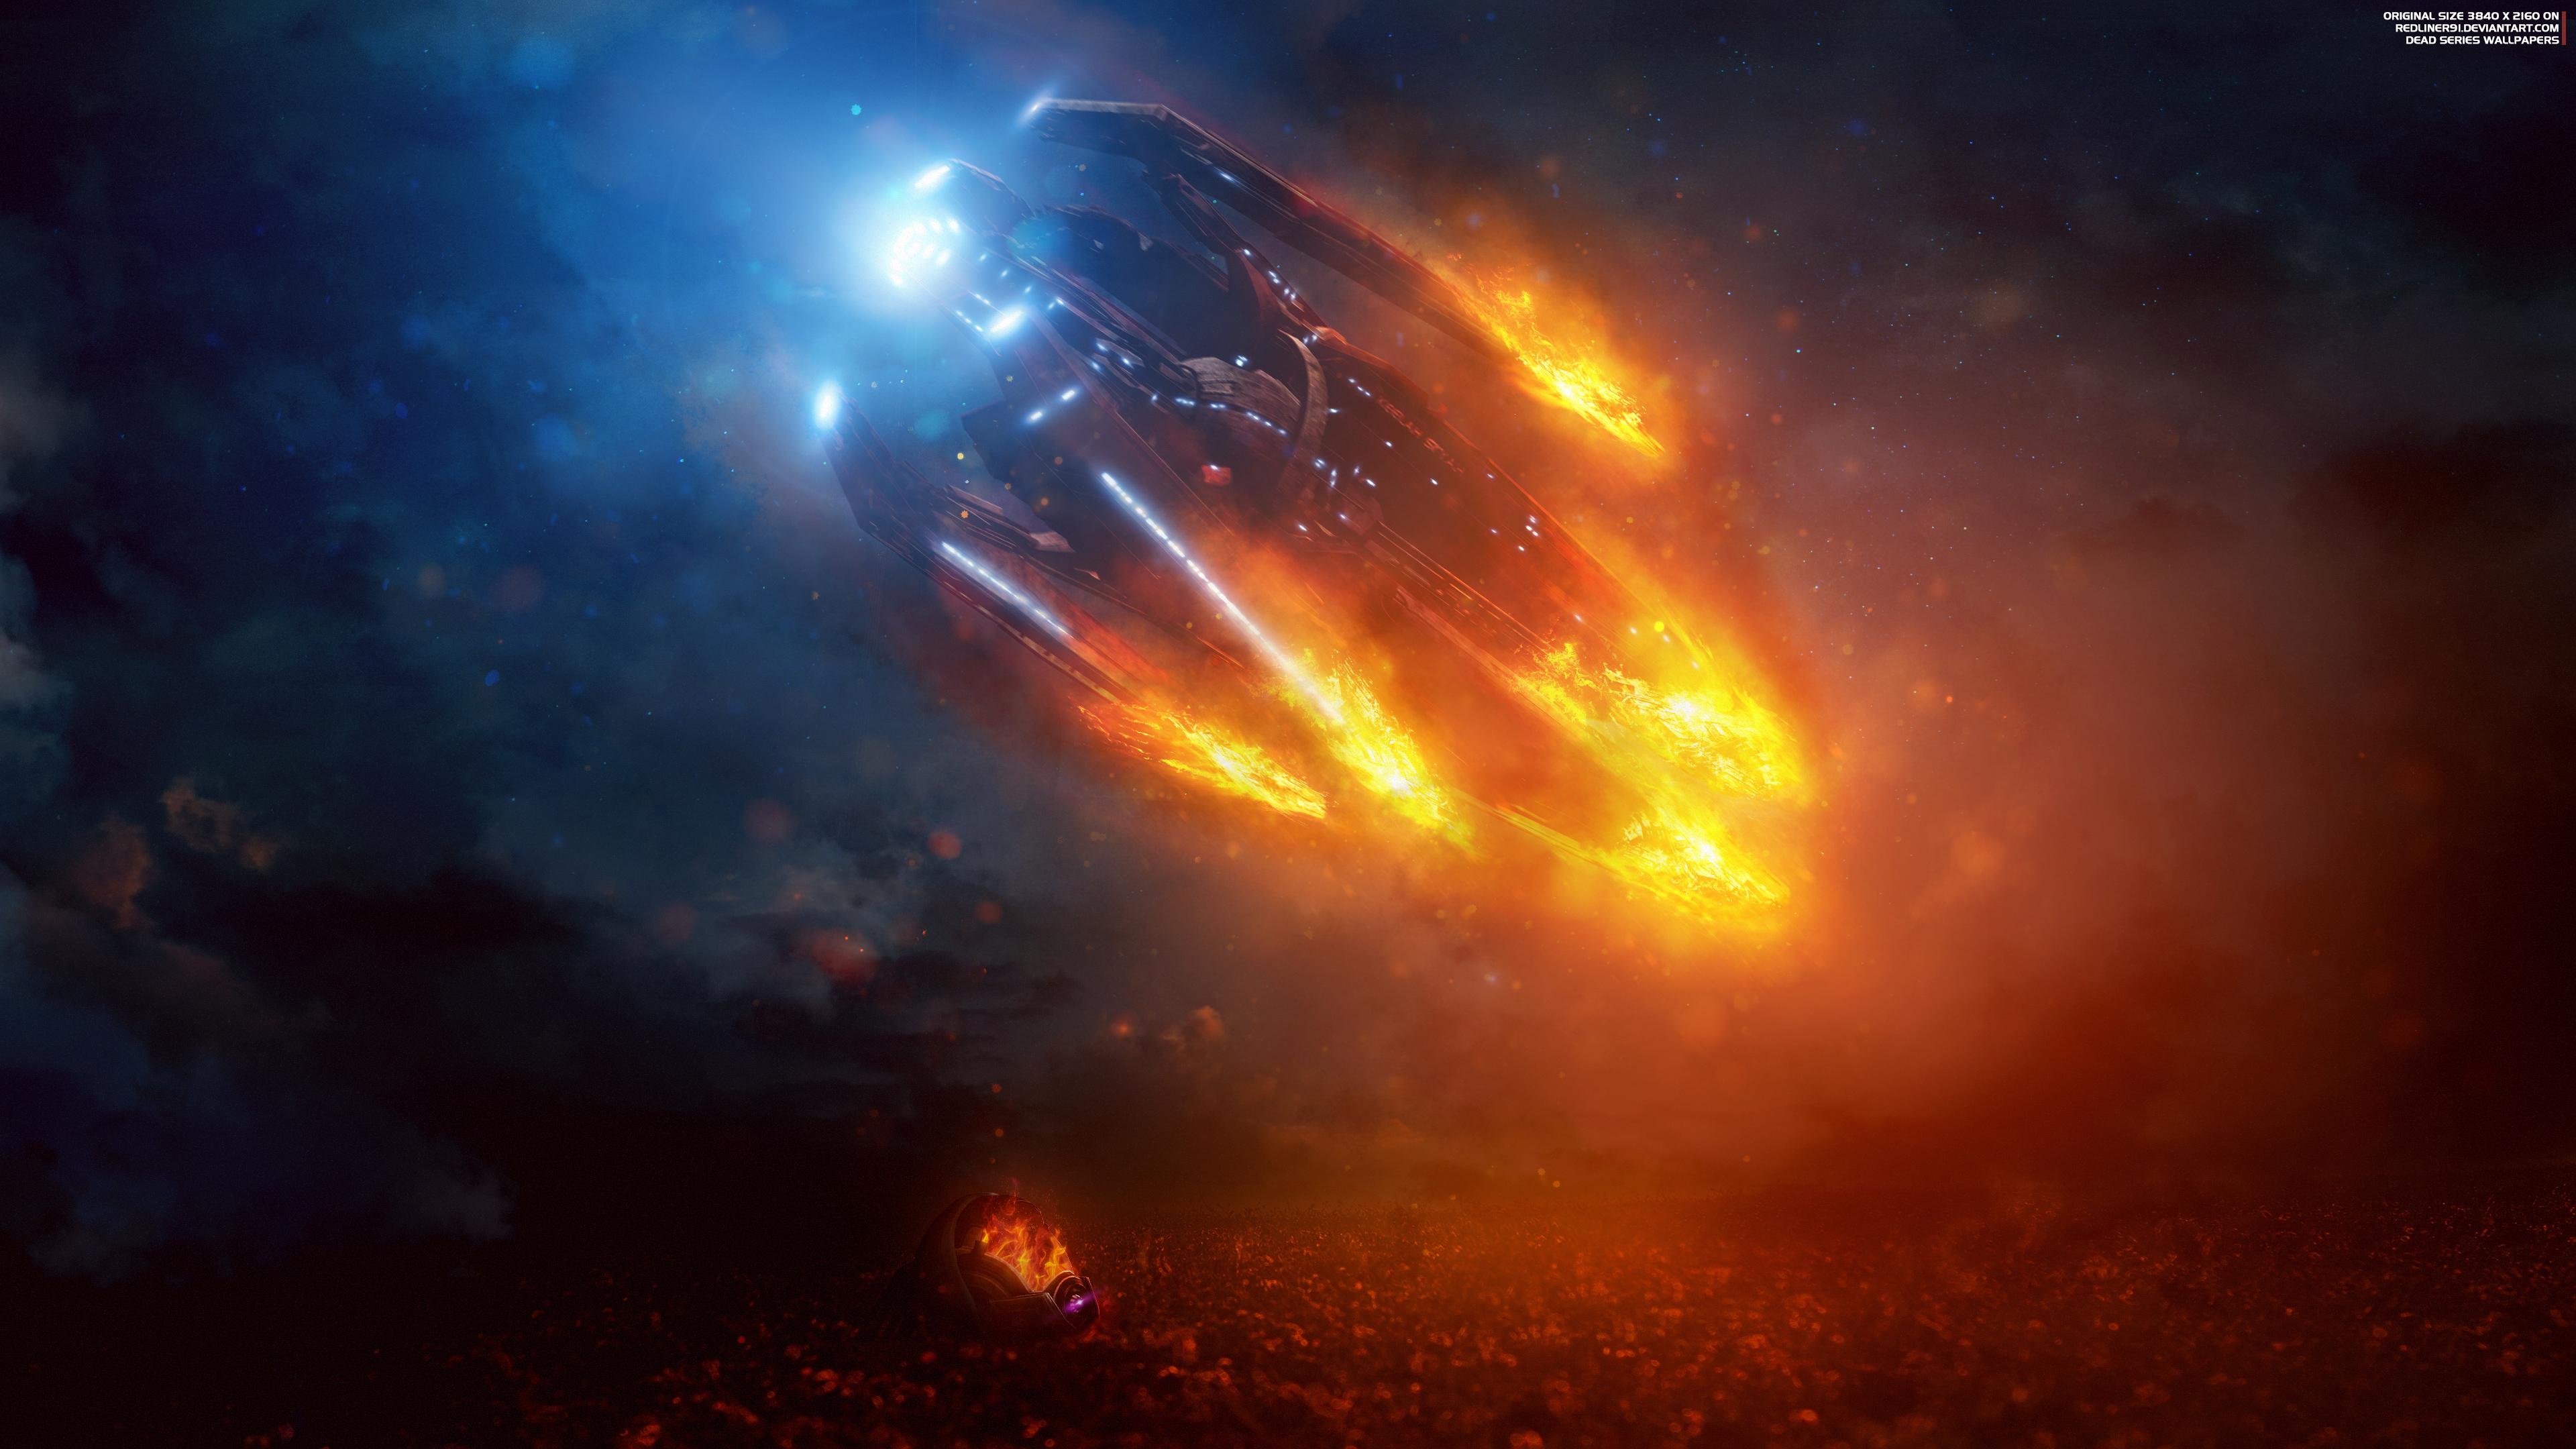 Потерянный ковчег mass effect Андромеда обои скачать